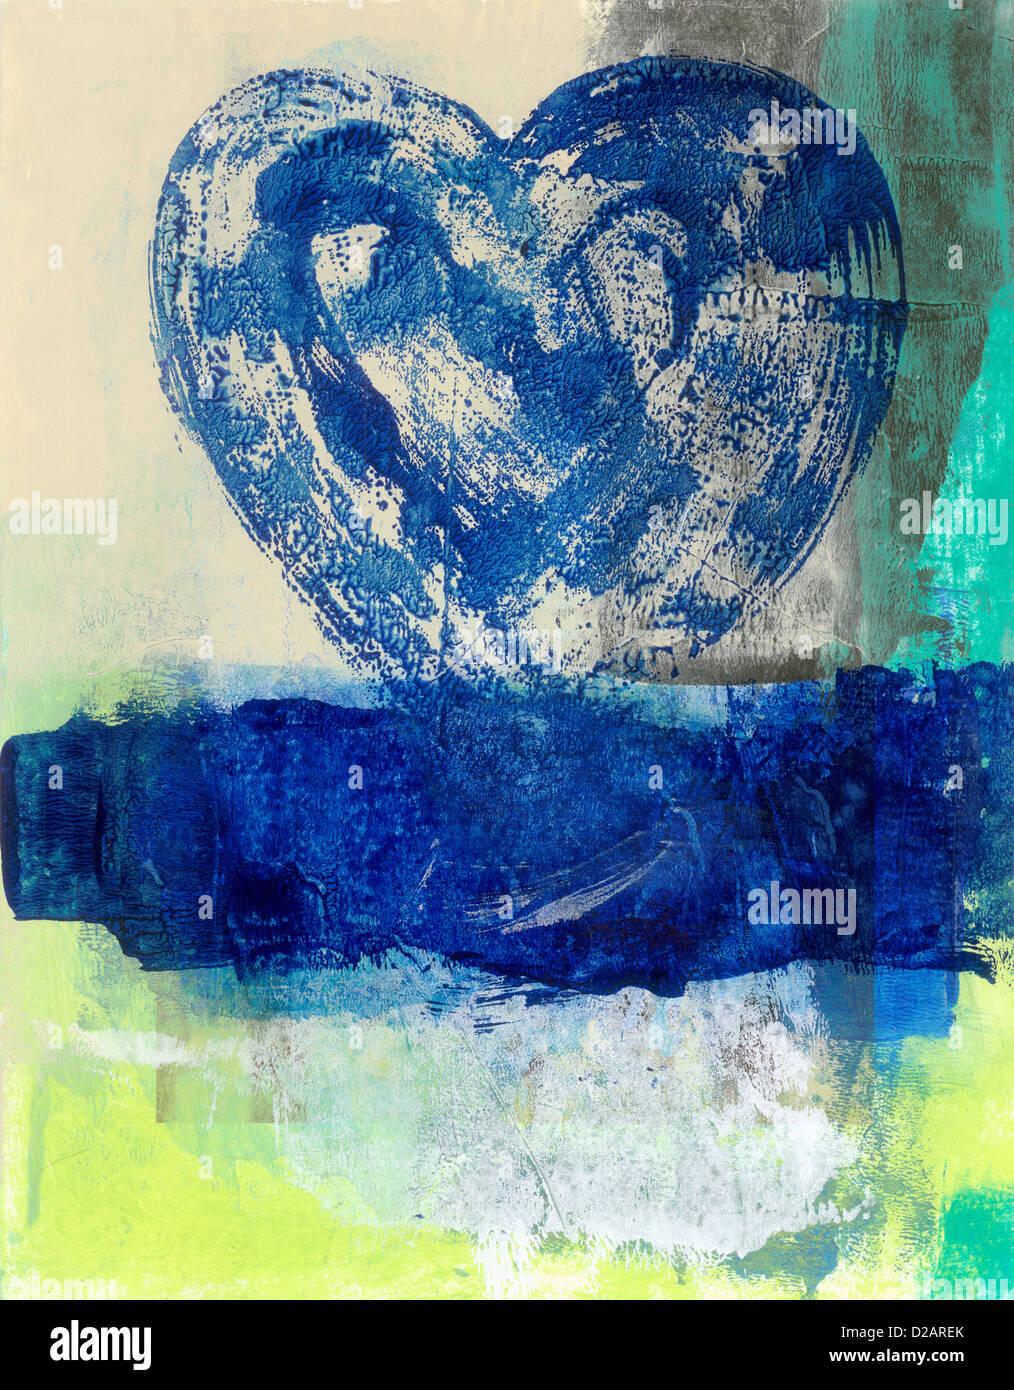 La peinture abstraite d'un coeur bleu passant d'une eau bleue. Banque D'Images